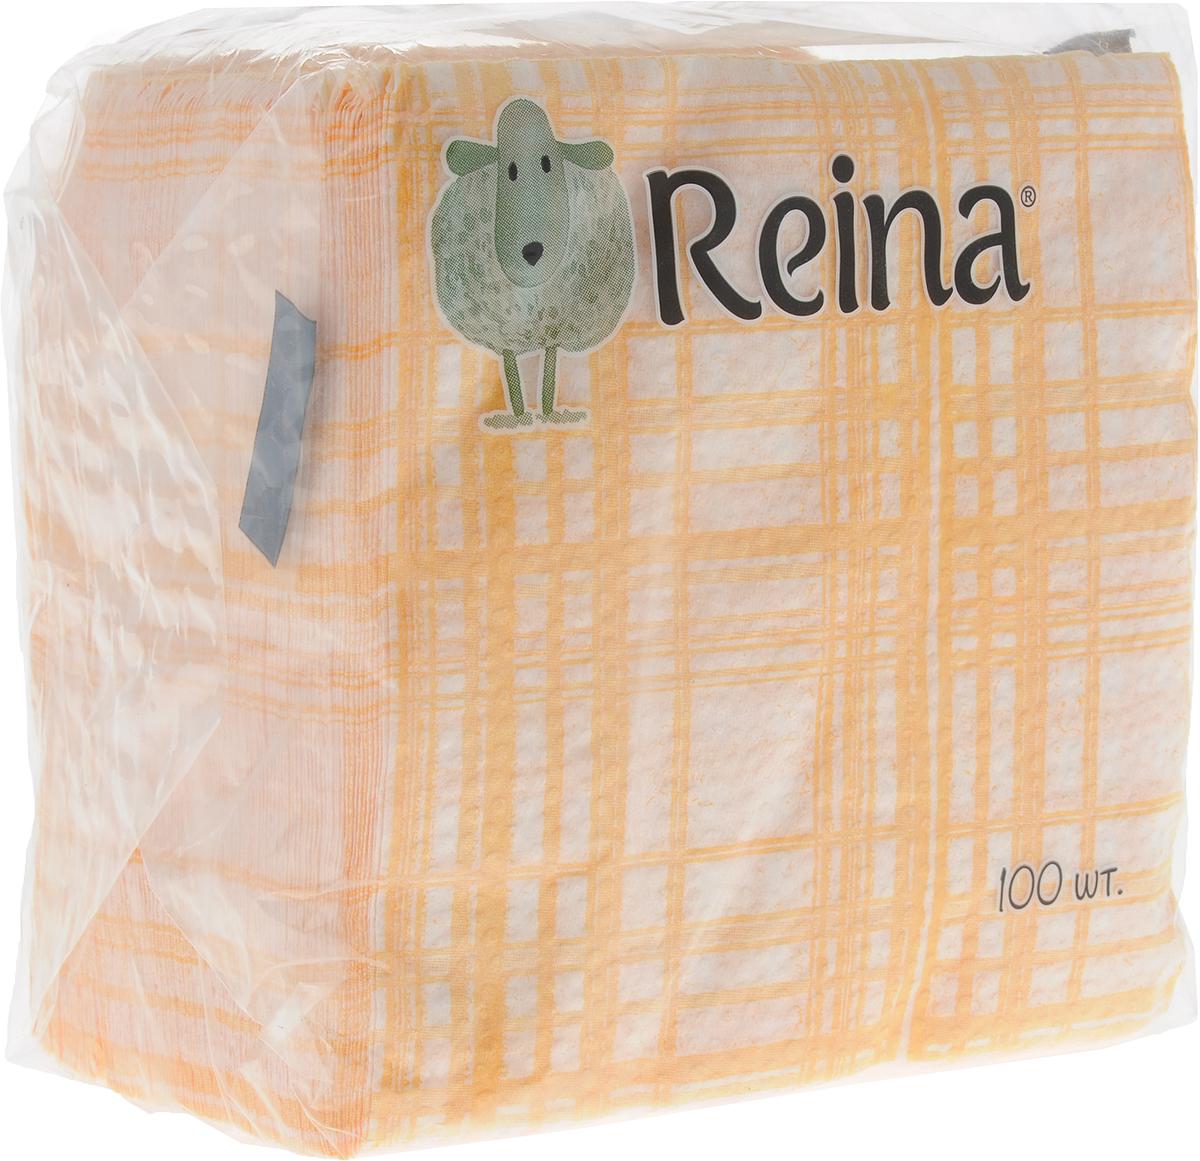 Салфетки бумажные Reina, однослойные, цвет: белый, оранжевый, 12 х 12 см, 100 штPUL-000220ко_оранжевая клеткаСалфетки бумажные Reina, выполненные из натуральной целлюлозы, станут отличным дополнением любого праздничного стола. Они отличаются необычной мягкостью и оригинальностью.Размер салфетки: 24 х 24 см. Количество слоев: 1.